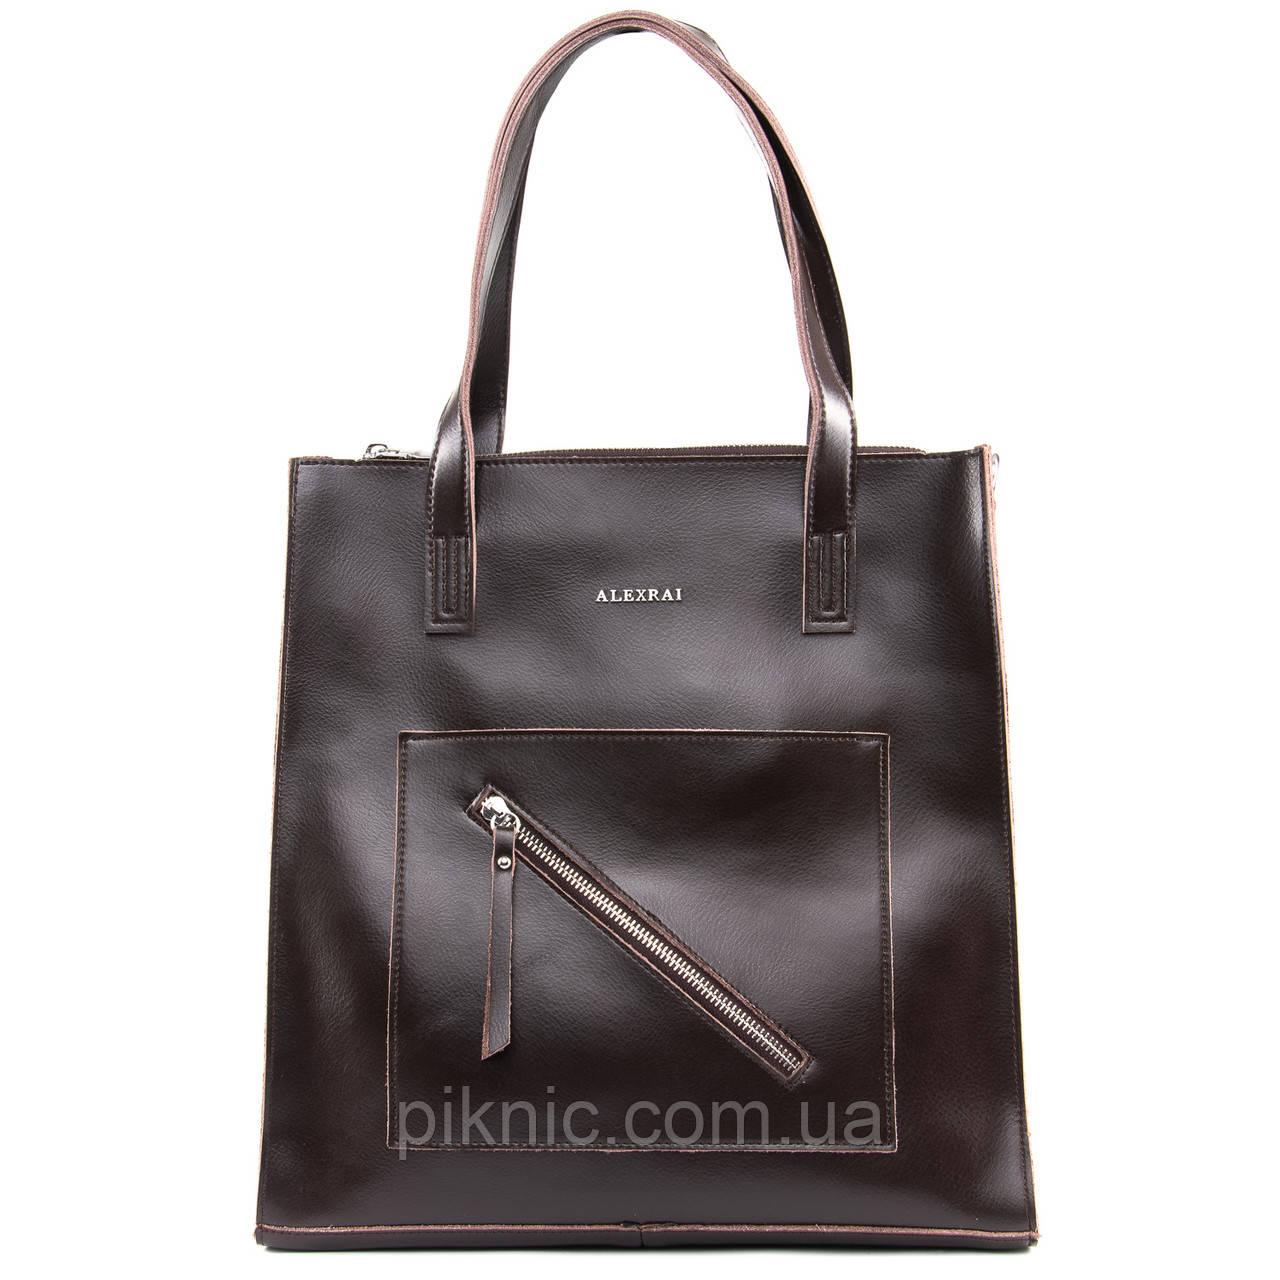 Стильная средняя женская сумка кожаная на плечо. Сумочка из натуральной кожи. 33*34*10 Коричневый